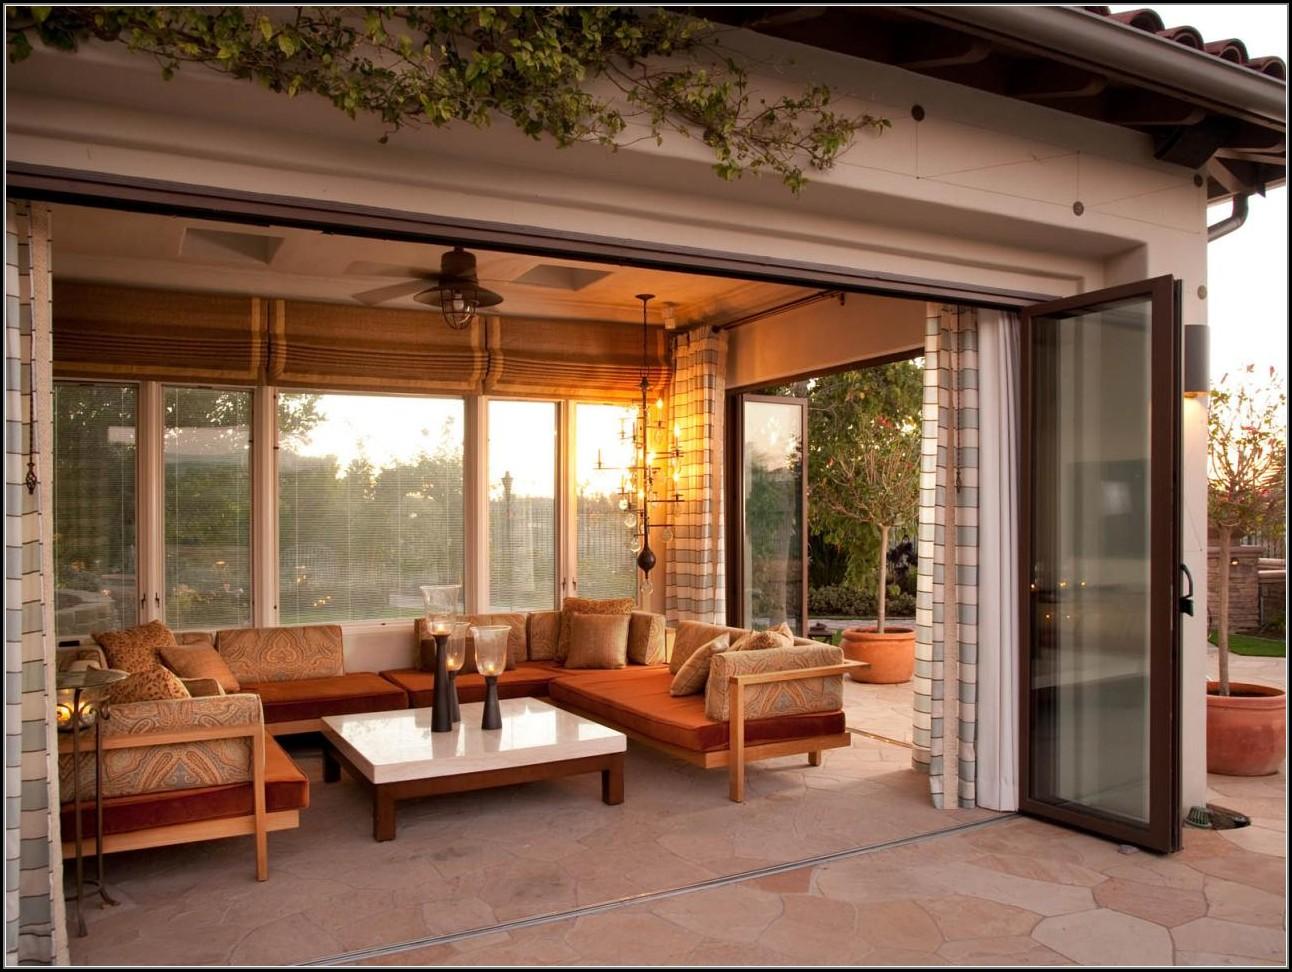 Outdoor Enclosed Patio Ideas